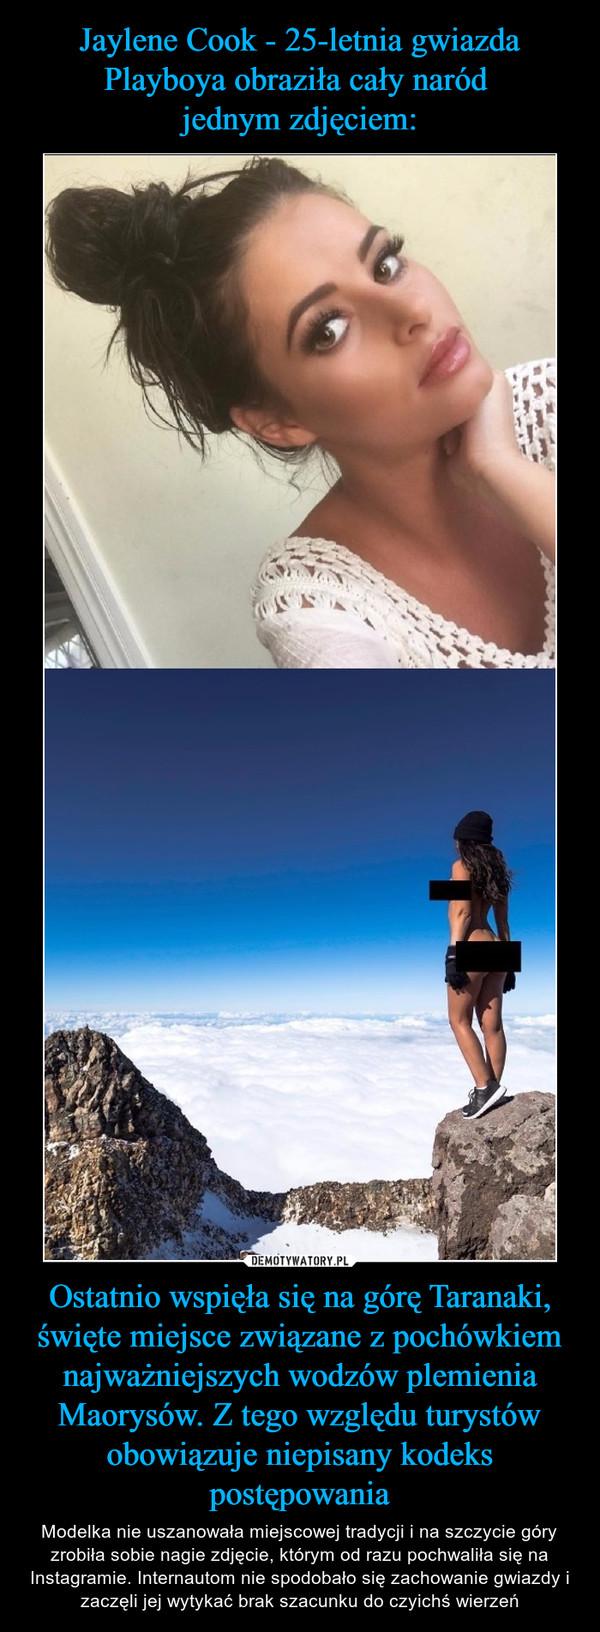 Ostatnio wspięła się na górę Taranaki, święte miejsce związane z pochówkiem najważniejszych wodzów plemienia Maorysów. Z tego względu turystów obowiązuje niepisany kodeks postępowania – Modelka nie uszanowała miejscowej tradycji i na szczycie góry zrobiła sobie nagie zdjęcie, którym od razu pochwaliła się na Instagramie. Internautom nie spodobało się zachowanie gwiazdy i zaczęli jej wytykać brak szacunku do czyichś wierzeń